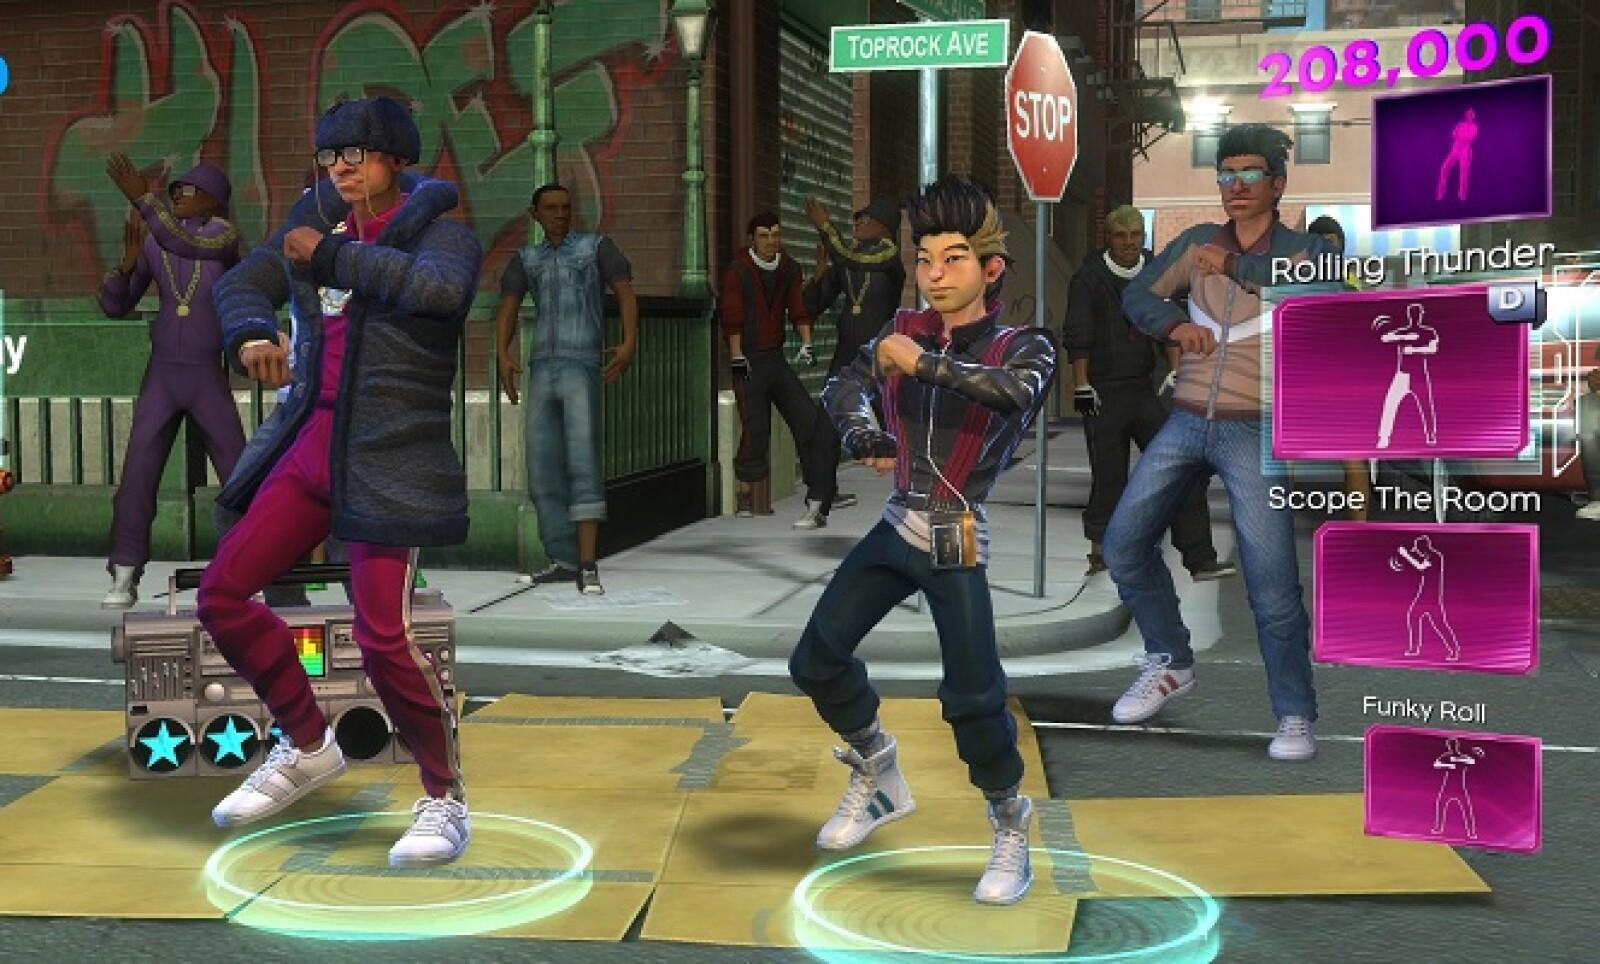 Harmonix presentó el videojuego Dance Central 3, con el que desea llevar a los videojugadores casuales y fanáticos a la pista de baile con temas exitosos y nuevas coreografías.